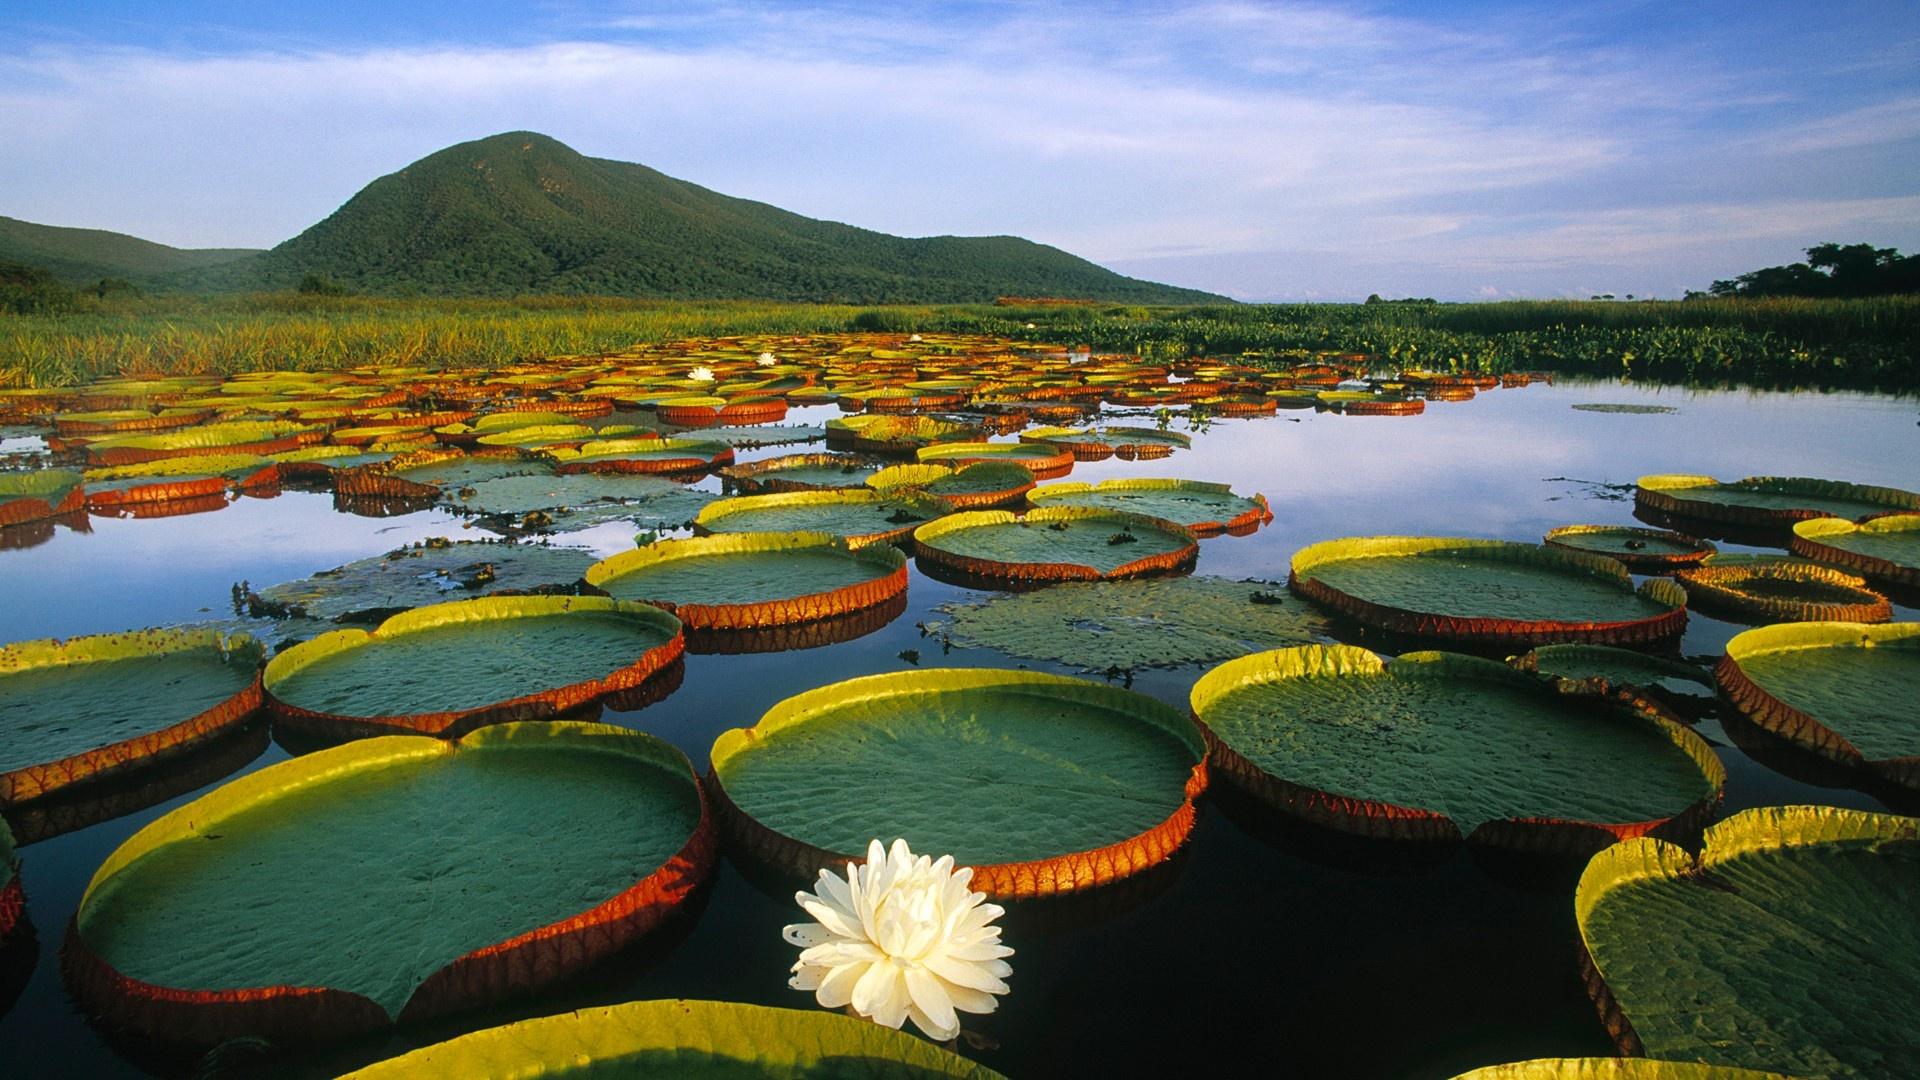 http://3.bp.blogspot.com/-oJmUyFcYwk8/UG6EyZrnDJI/AAAAAAAALZk/WRKydD4zUDU/s0/water-lilies-2-1920x1080.jpg